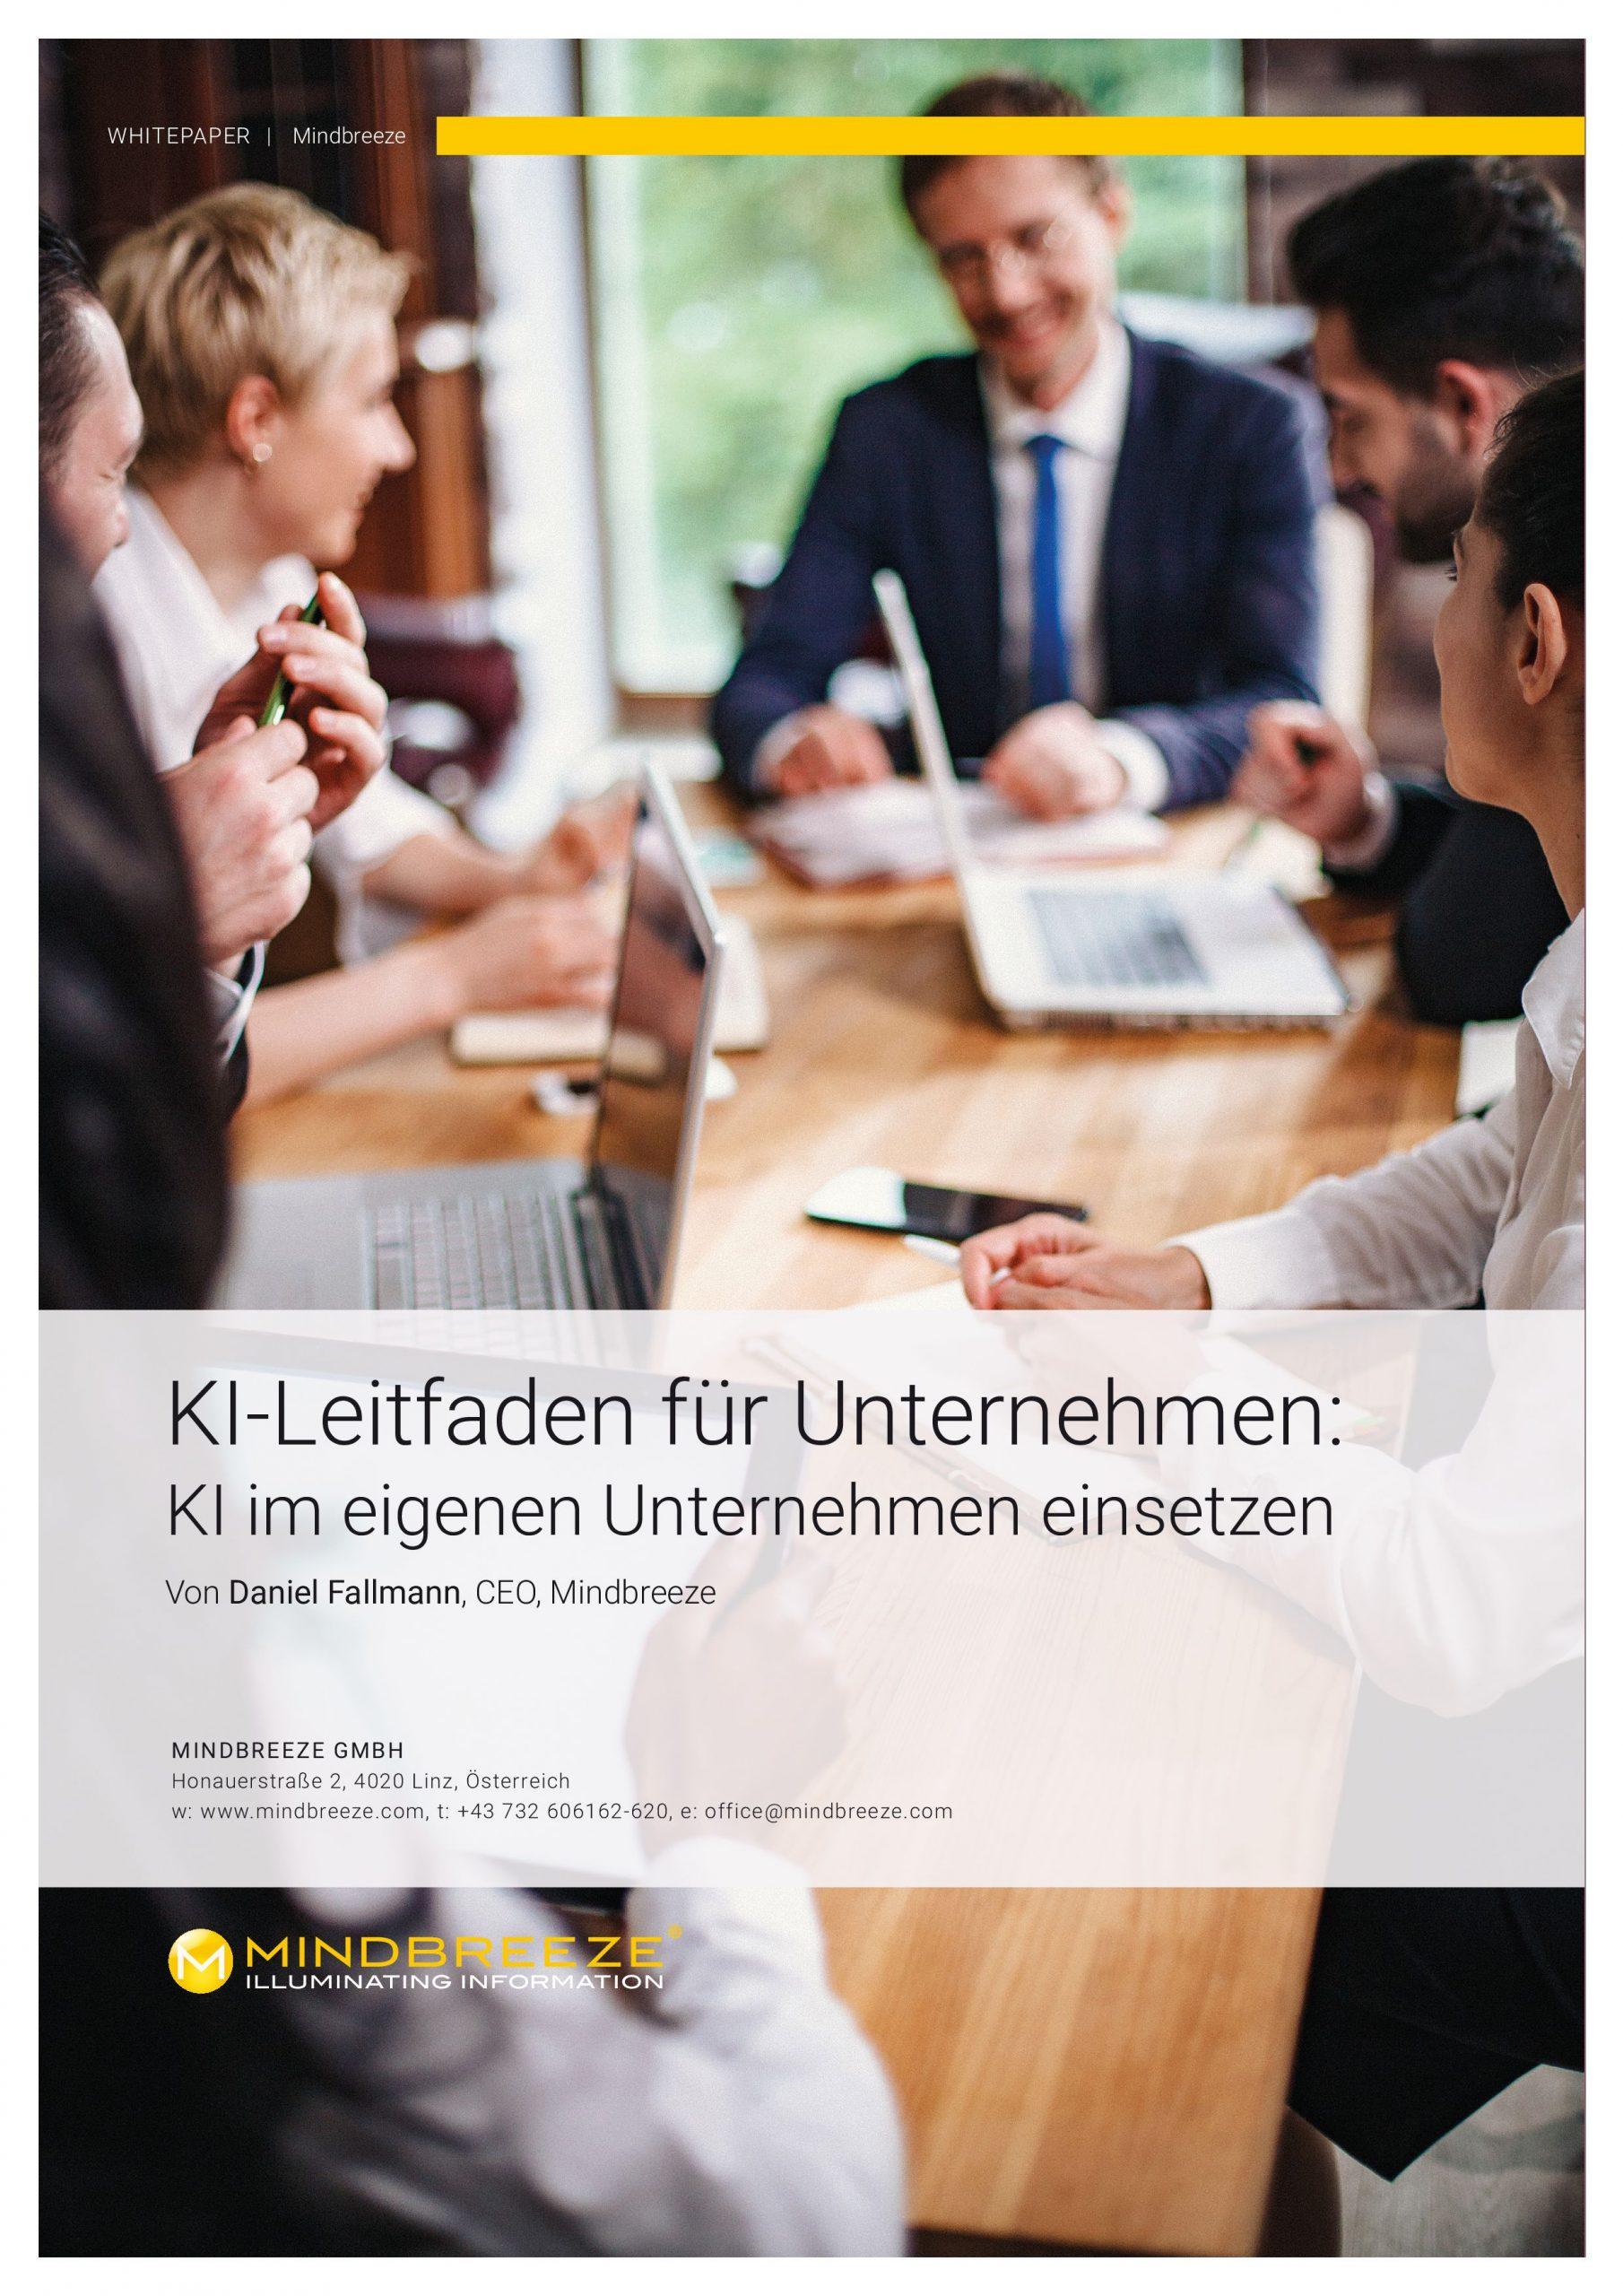 Whitepaper: KI-Leitfaden für Unternehmen